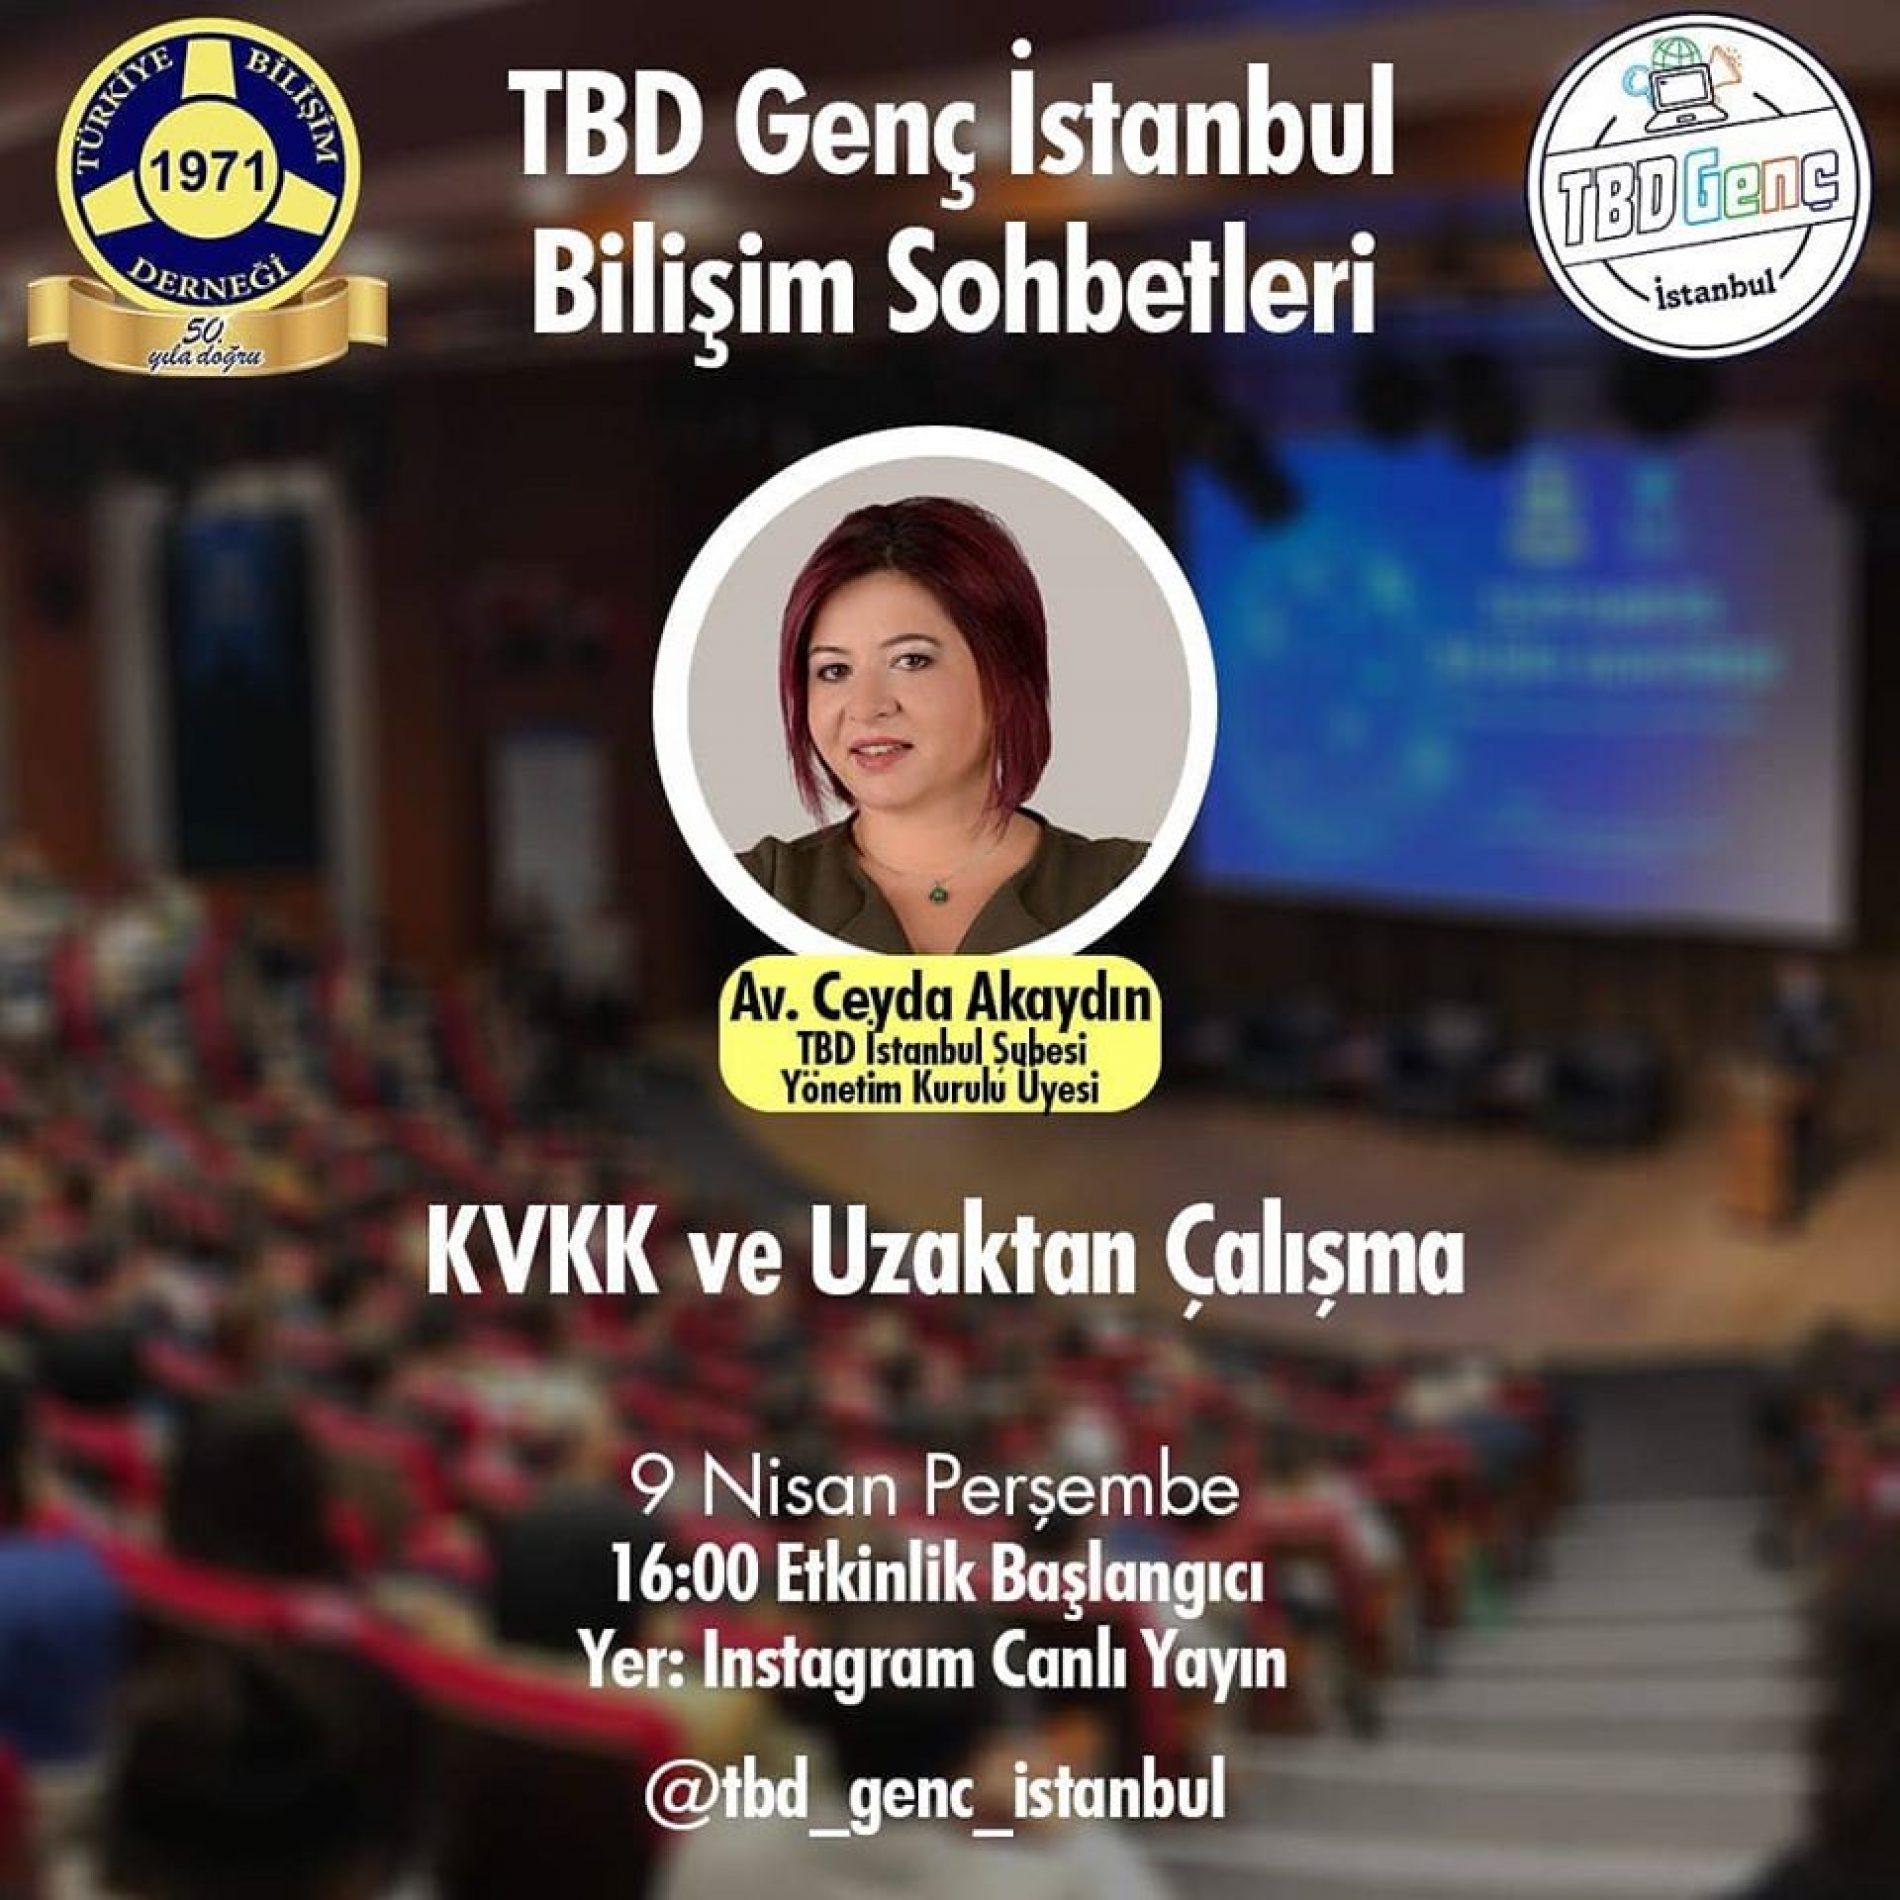 TBD Genç Bilişim Sohbetleri: KVKK ve Uzaktan Çalışma